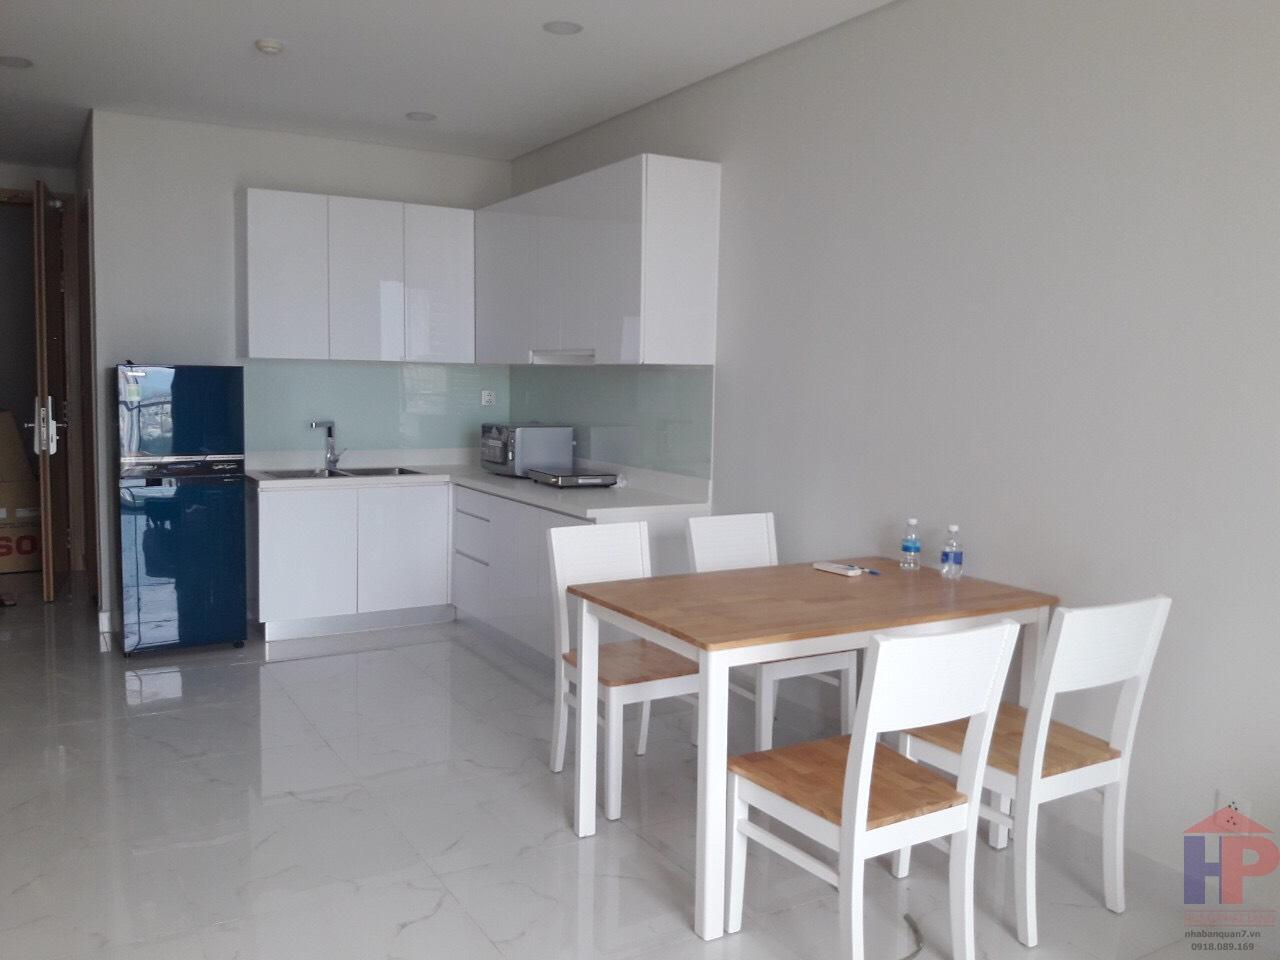 Cho thuê chung cư An Gia Skyline 89 Hoàng Quốc Việt DT 72 m2 Giá 10.5 triệu/tháng LH 0909477288